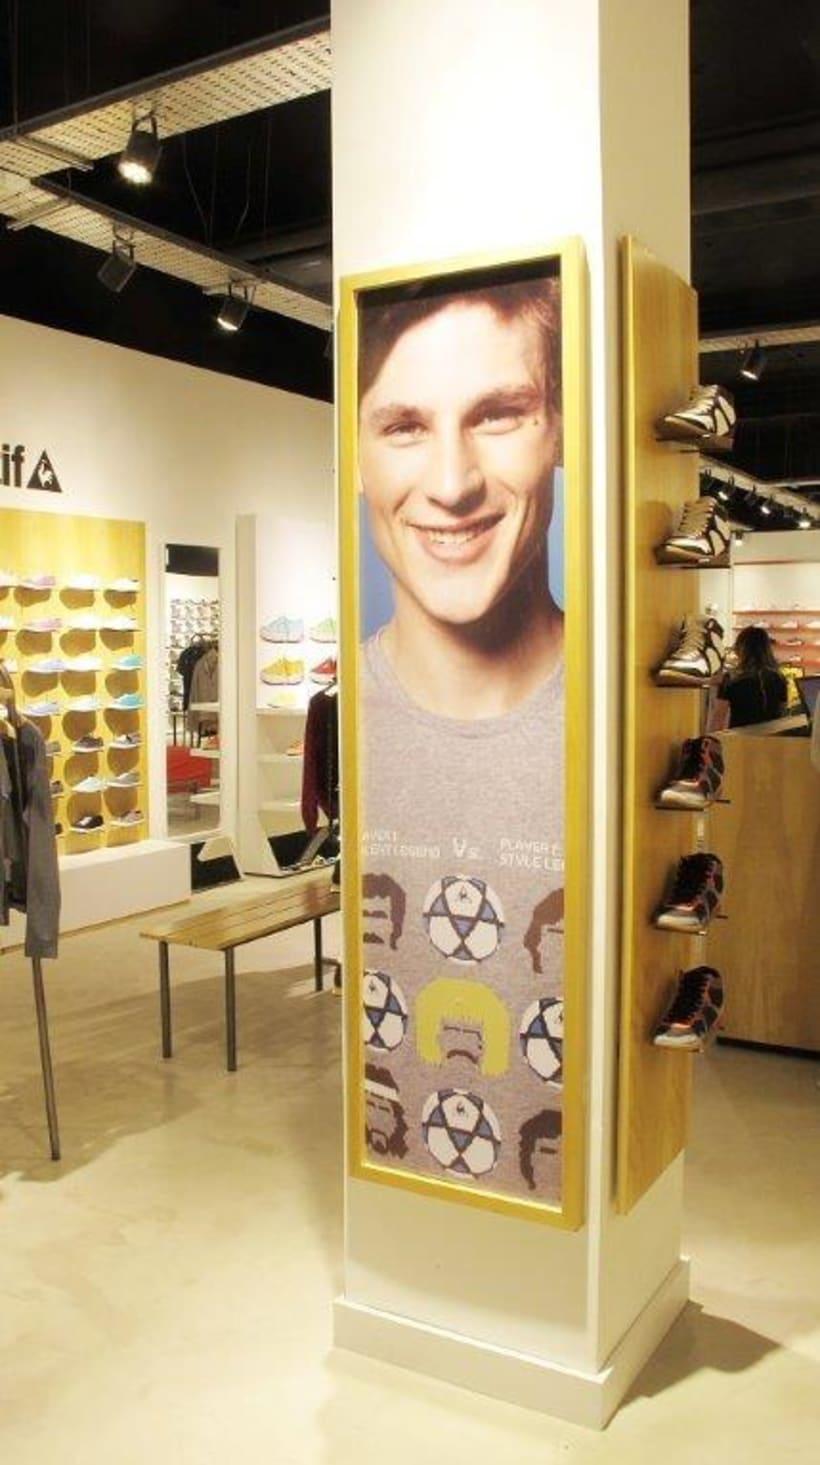 Citadium Store - Florida 436 CABA - Argentina 10